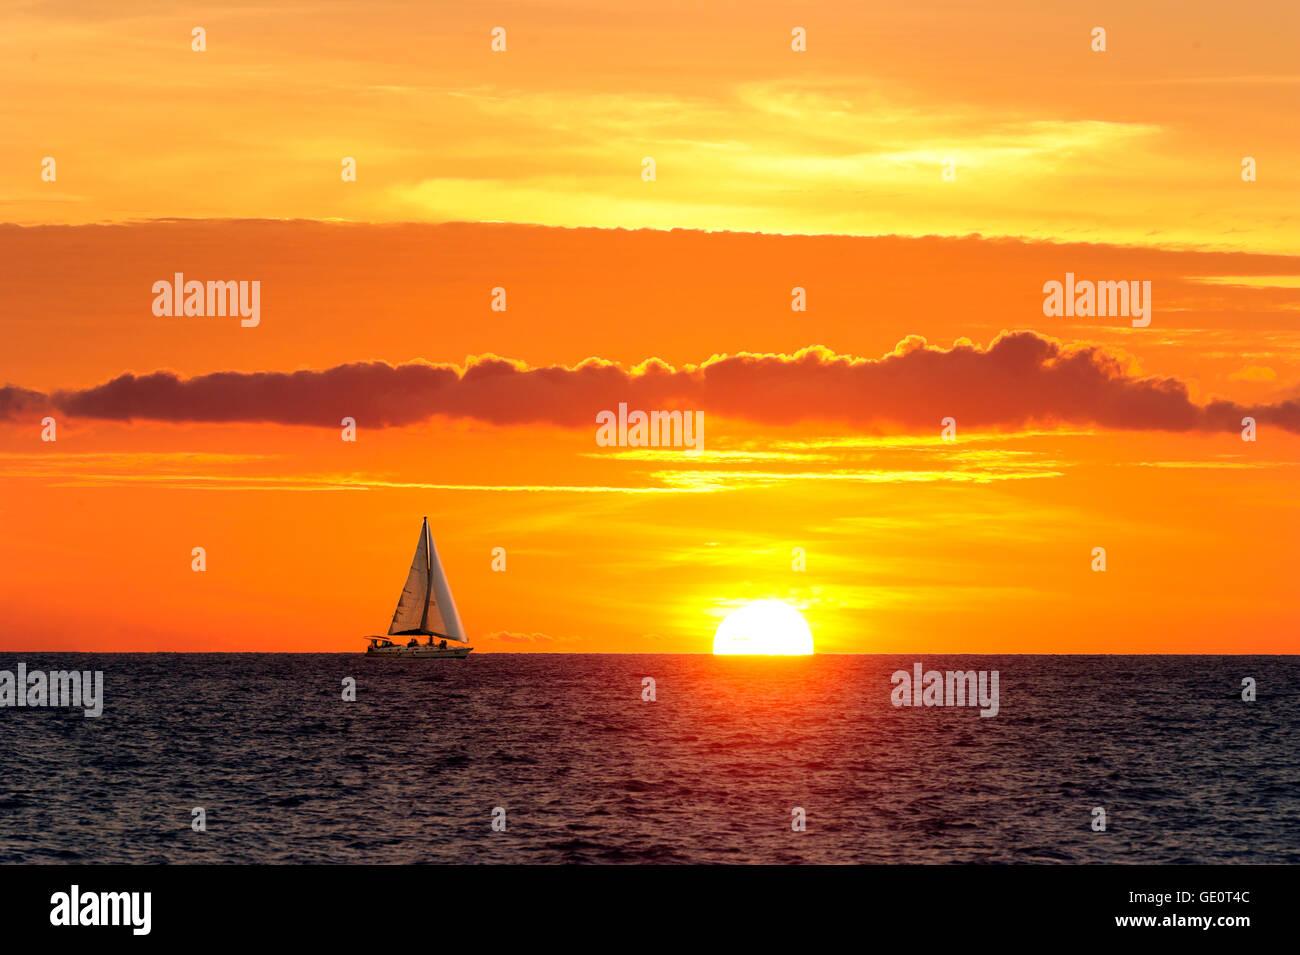 Bateau à coucher du soleil est un voilier se déplaçant le long de l'eau comme le soleil descend Photo Stock